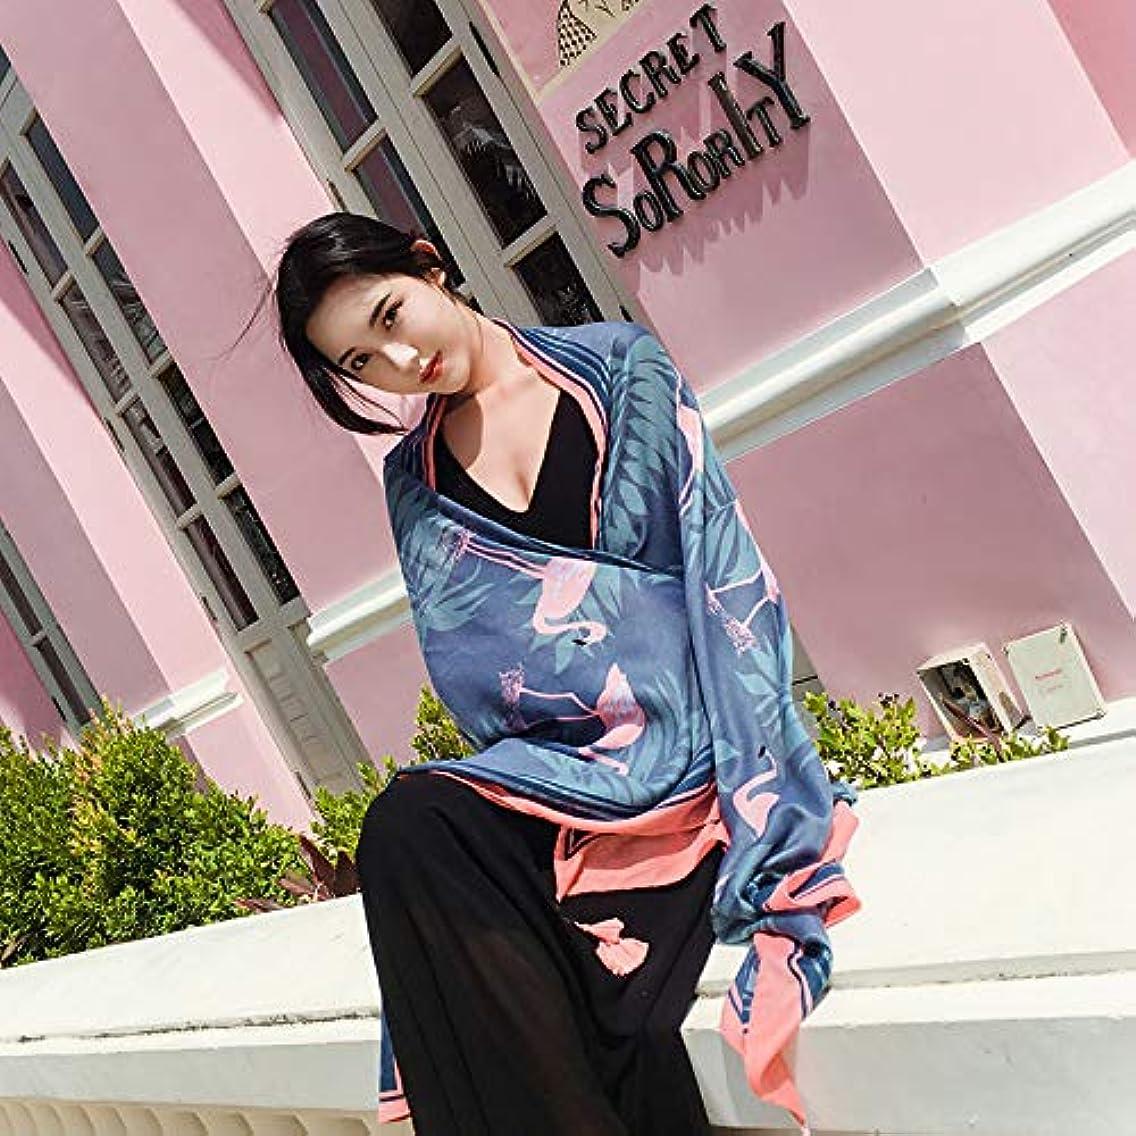 グリーンランド意見夫スカーフのラップガールフレンドの大きなスカーフの学生長いタオルのベール夏と秋を送信するために、年配のサンダルのピンクの秋と冬の装飾品の様々な暖かい